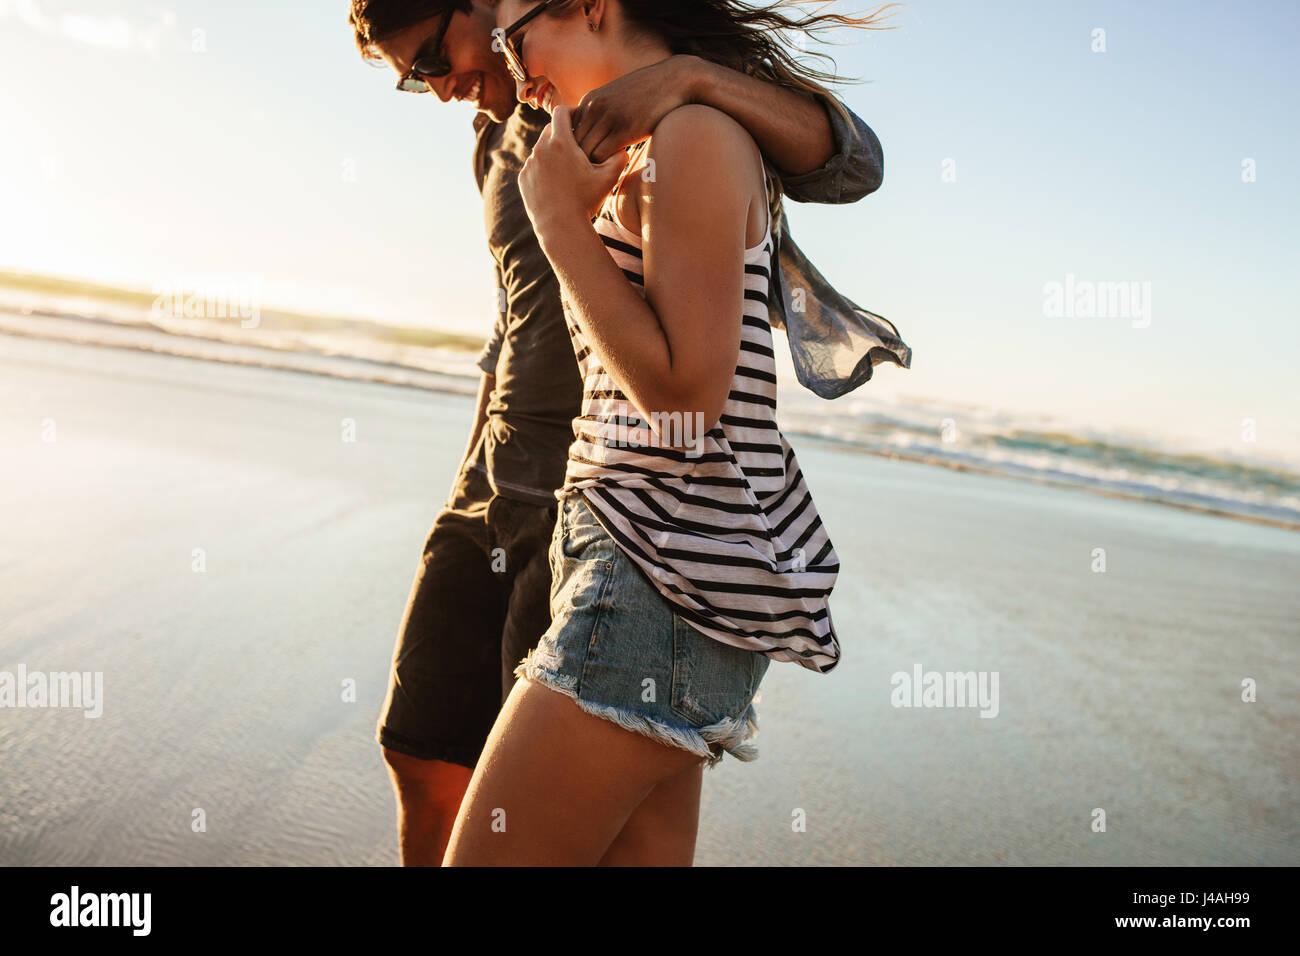 Im Freien Schuss des jungen Paares zu Fuß am Strand. Junger Mann und Frau zusammen spazieren am Strand an einem Stockbild